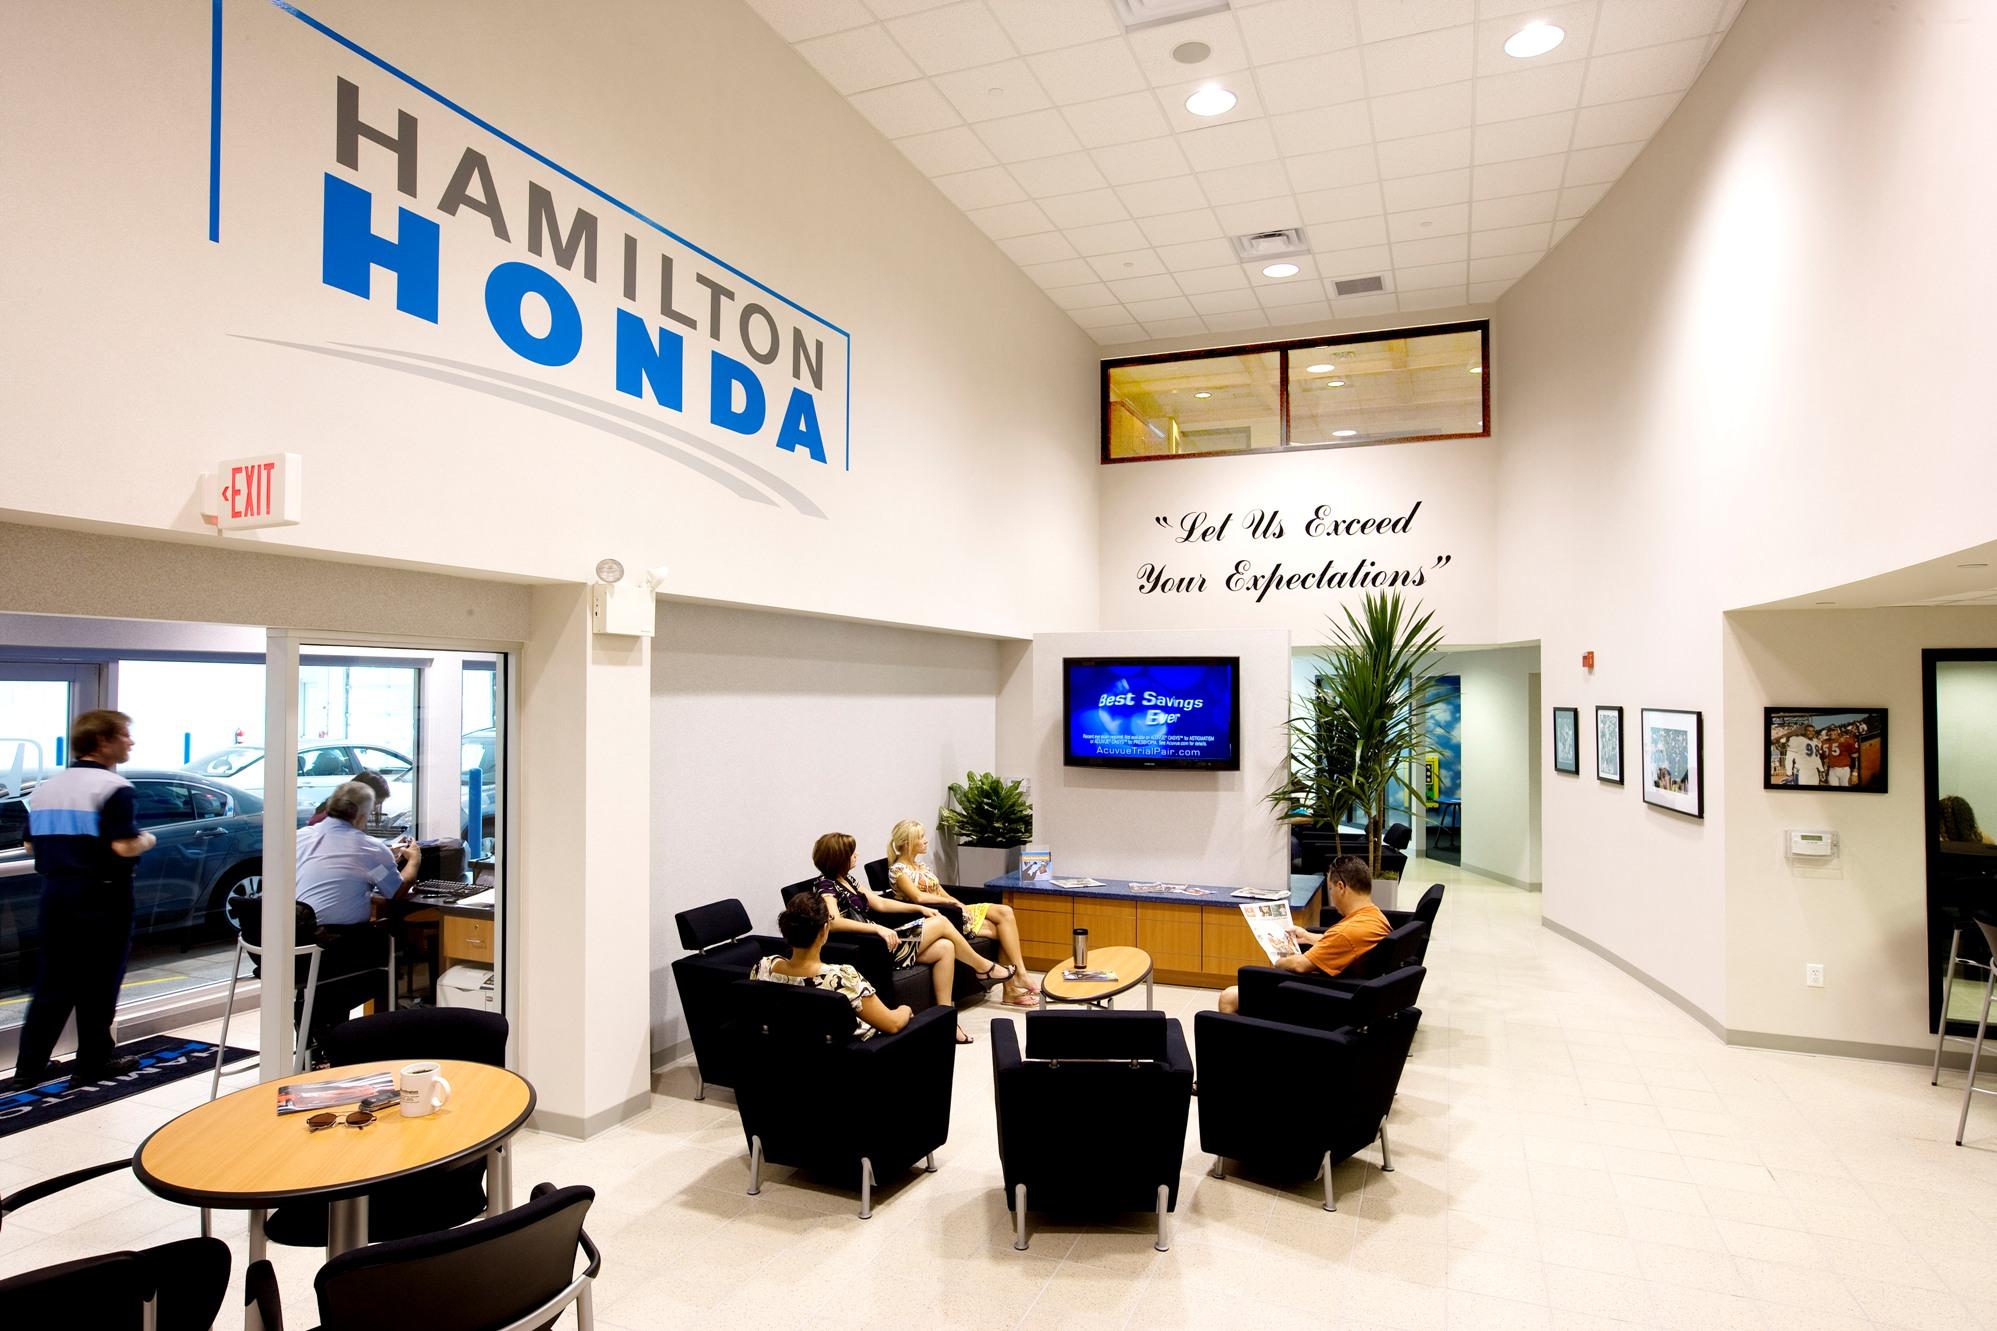 Hamilton honda car repair and service honda repair in for Honda hamilton nj